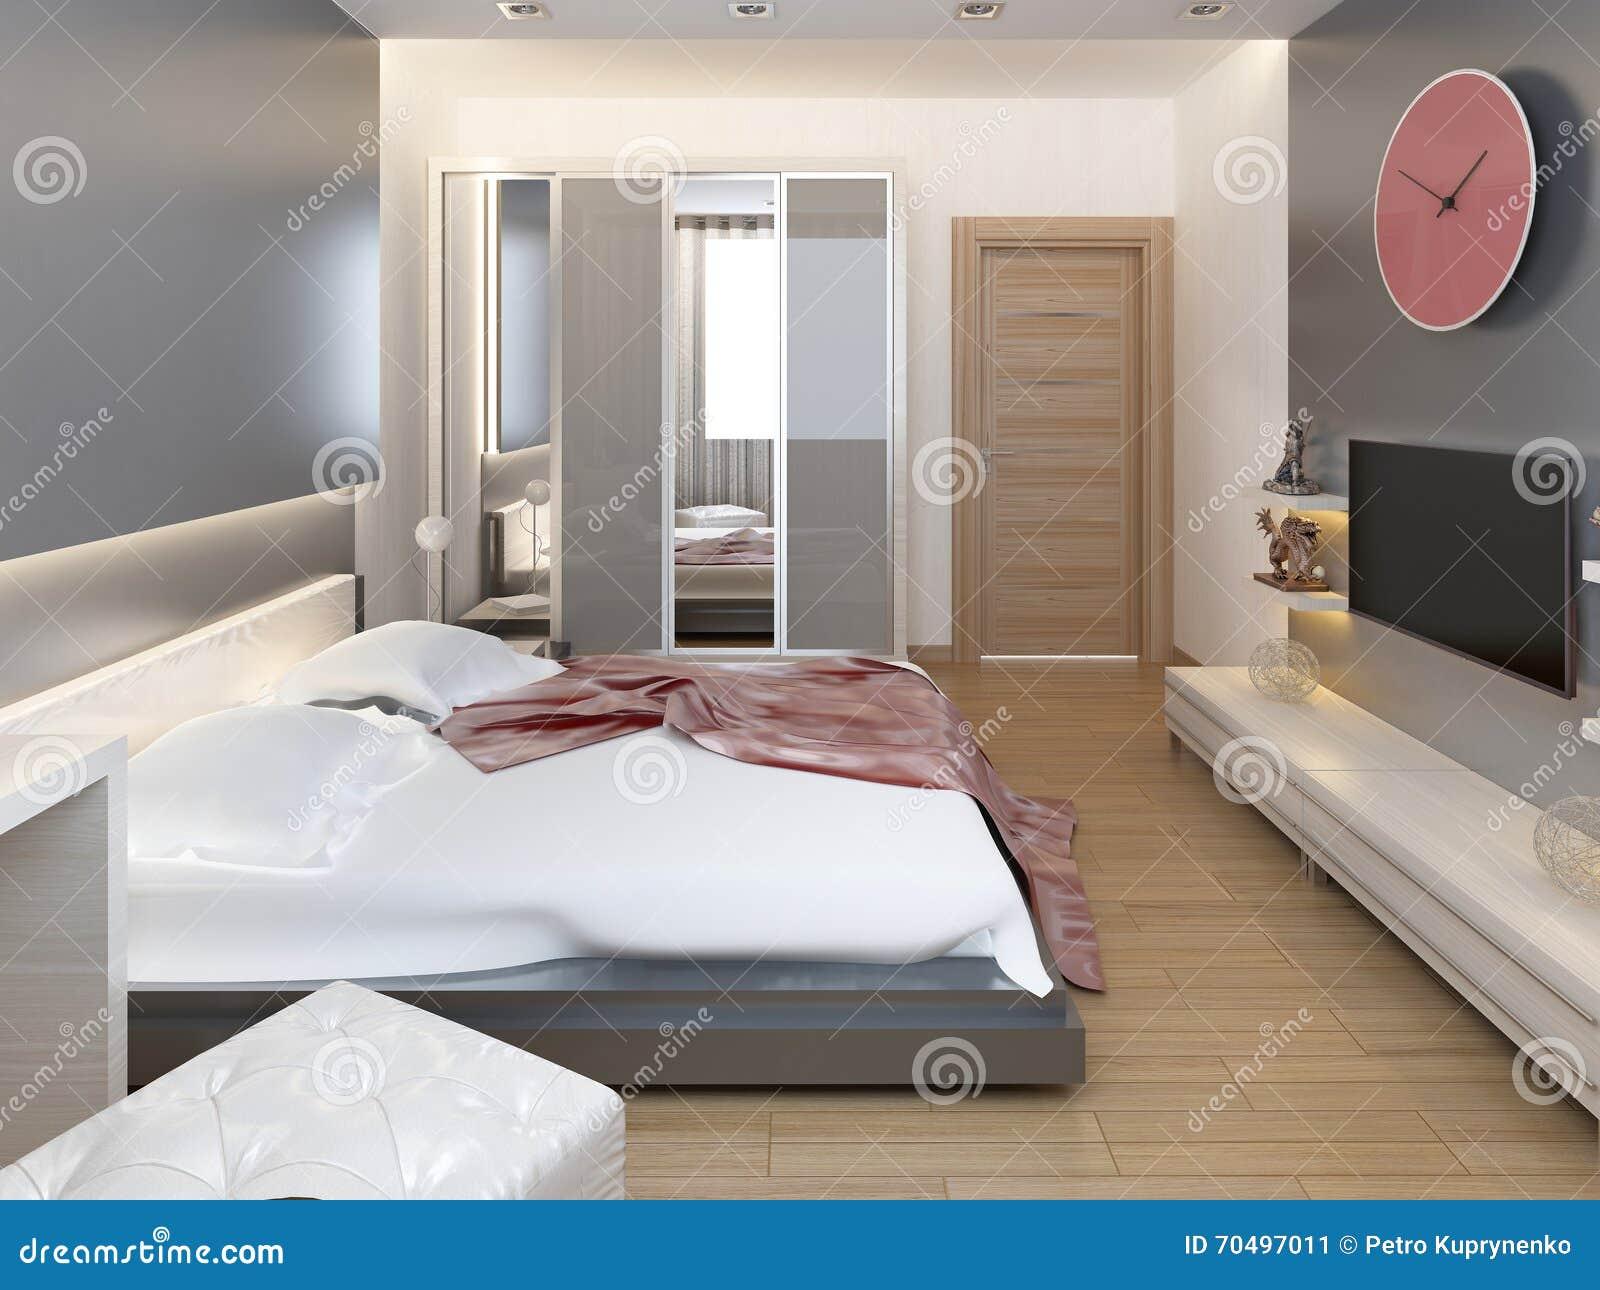 Camere Da Letto Stile Orientale : Arredamento camera da letto stile giapponese locato